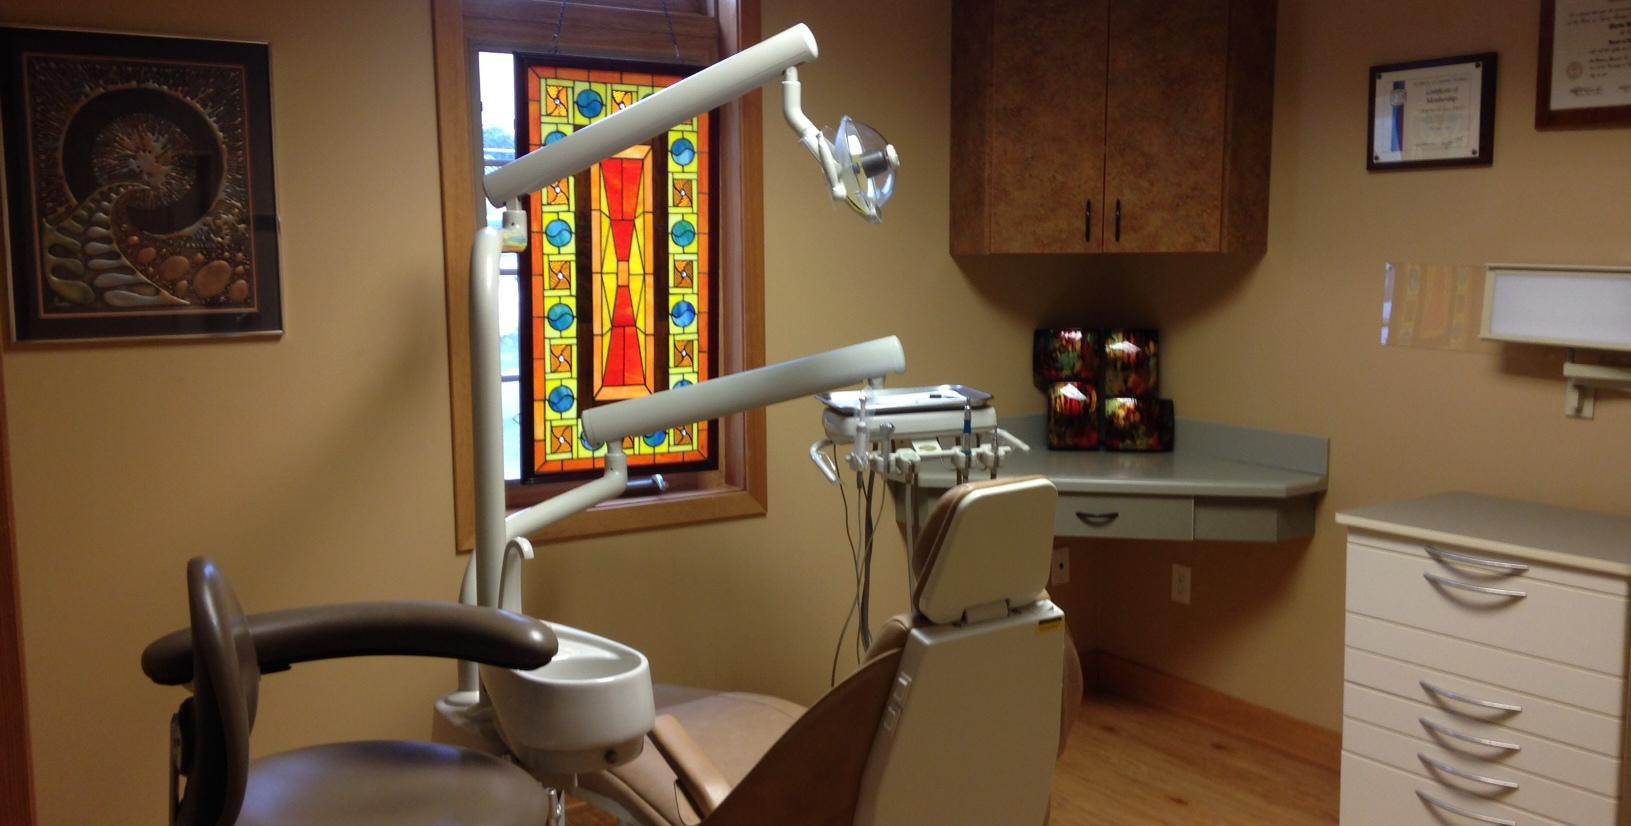 Orthodontics Dentist Schenectady, NY